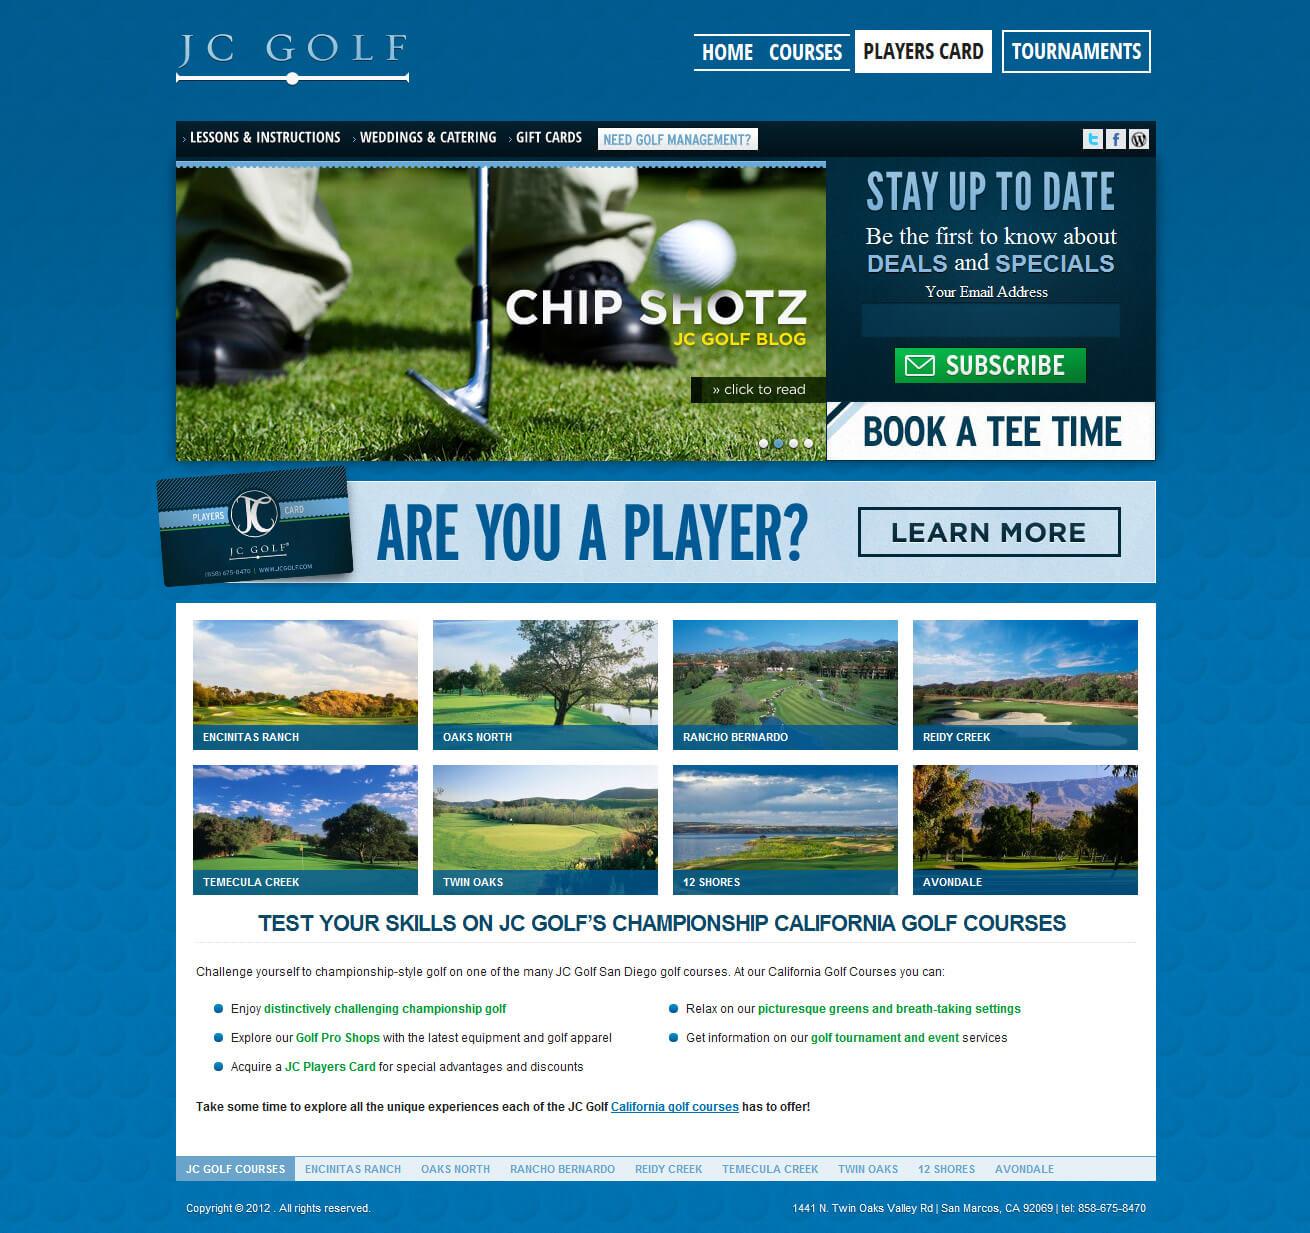 JC Golf